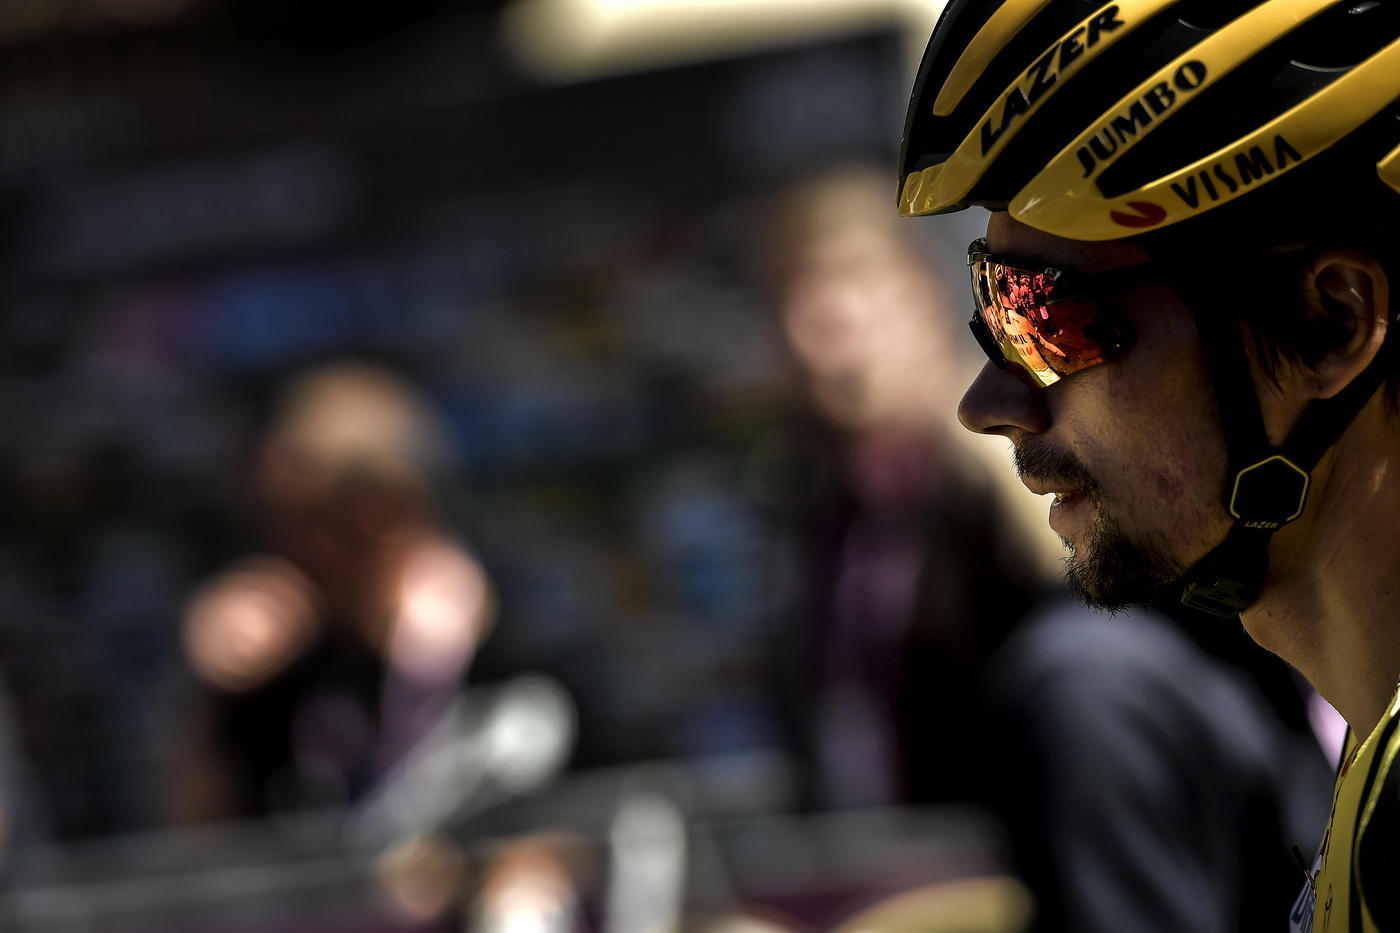 Damiano Cima premiato in volata dopo 50 km di fuga